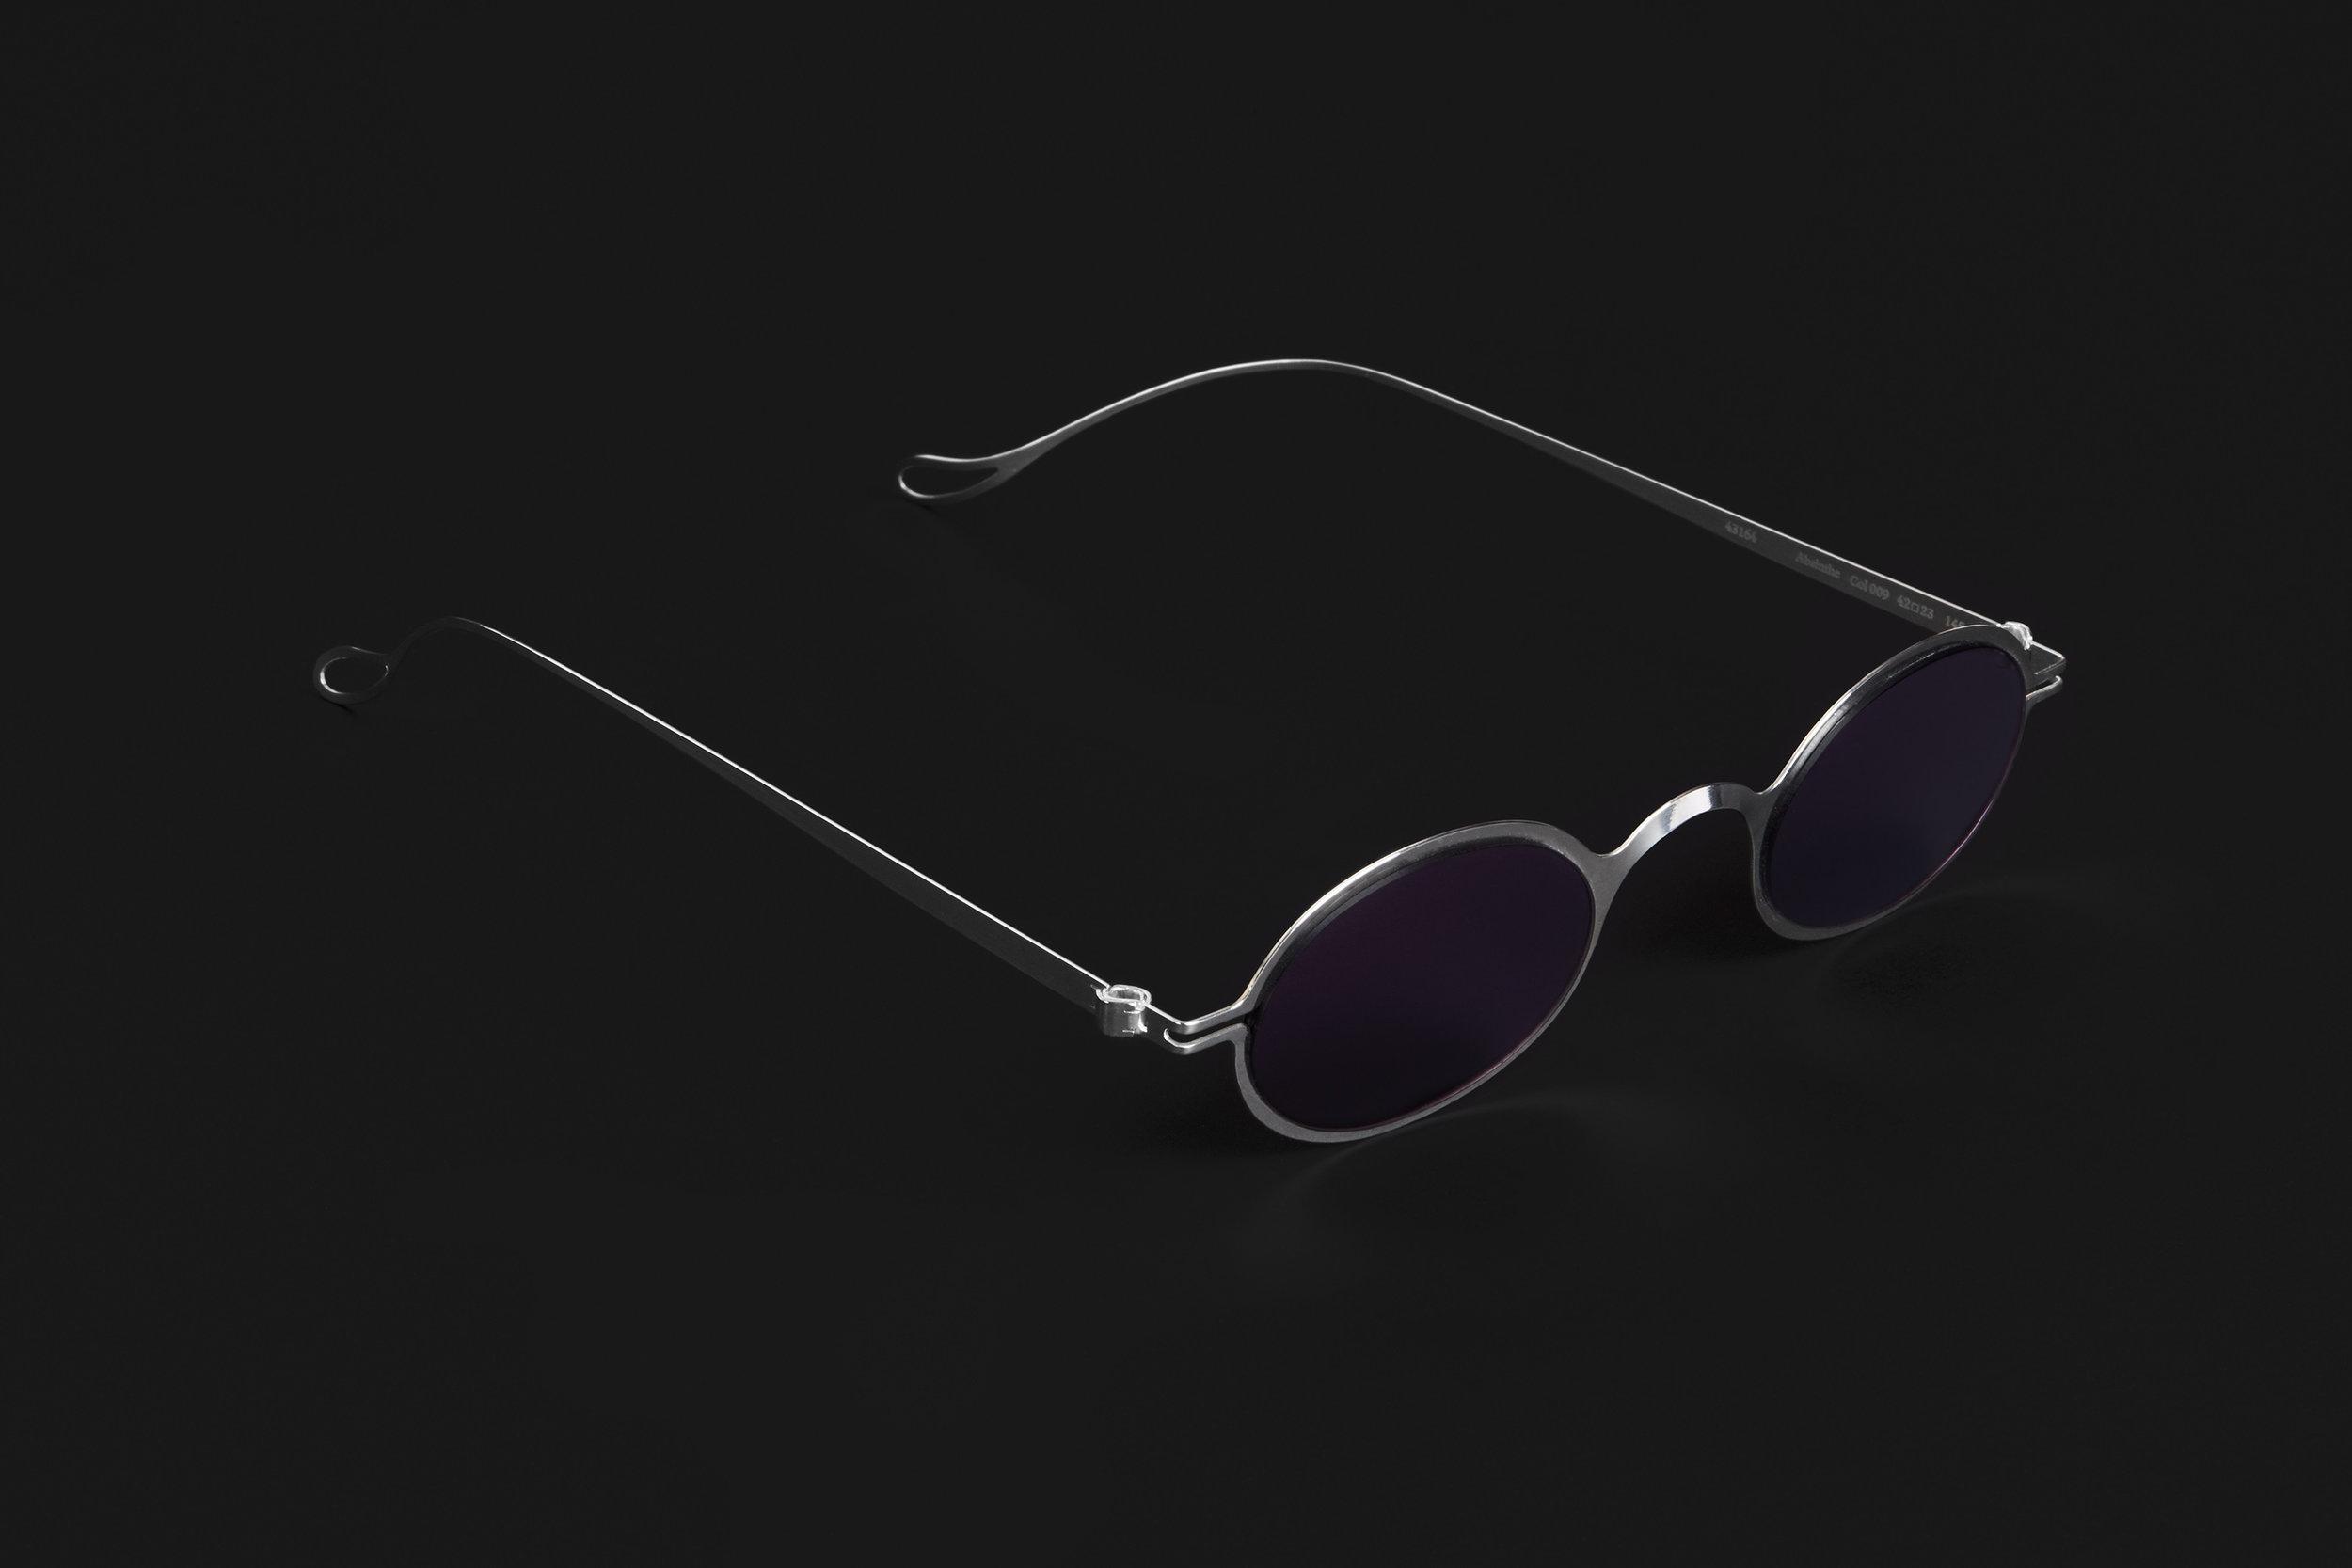 haffmans_neumeister_absinthe_argentum_potassium_violet_phasmid_sunglasses_angle_102220.jpg